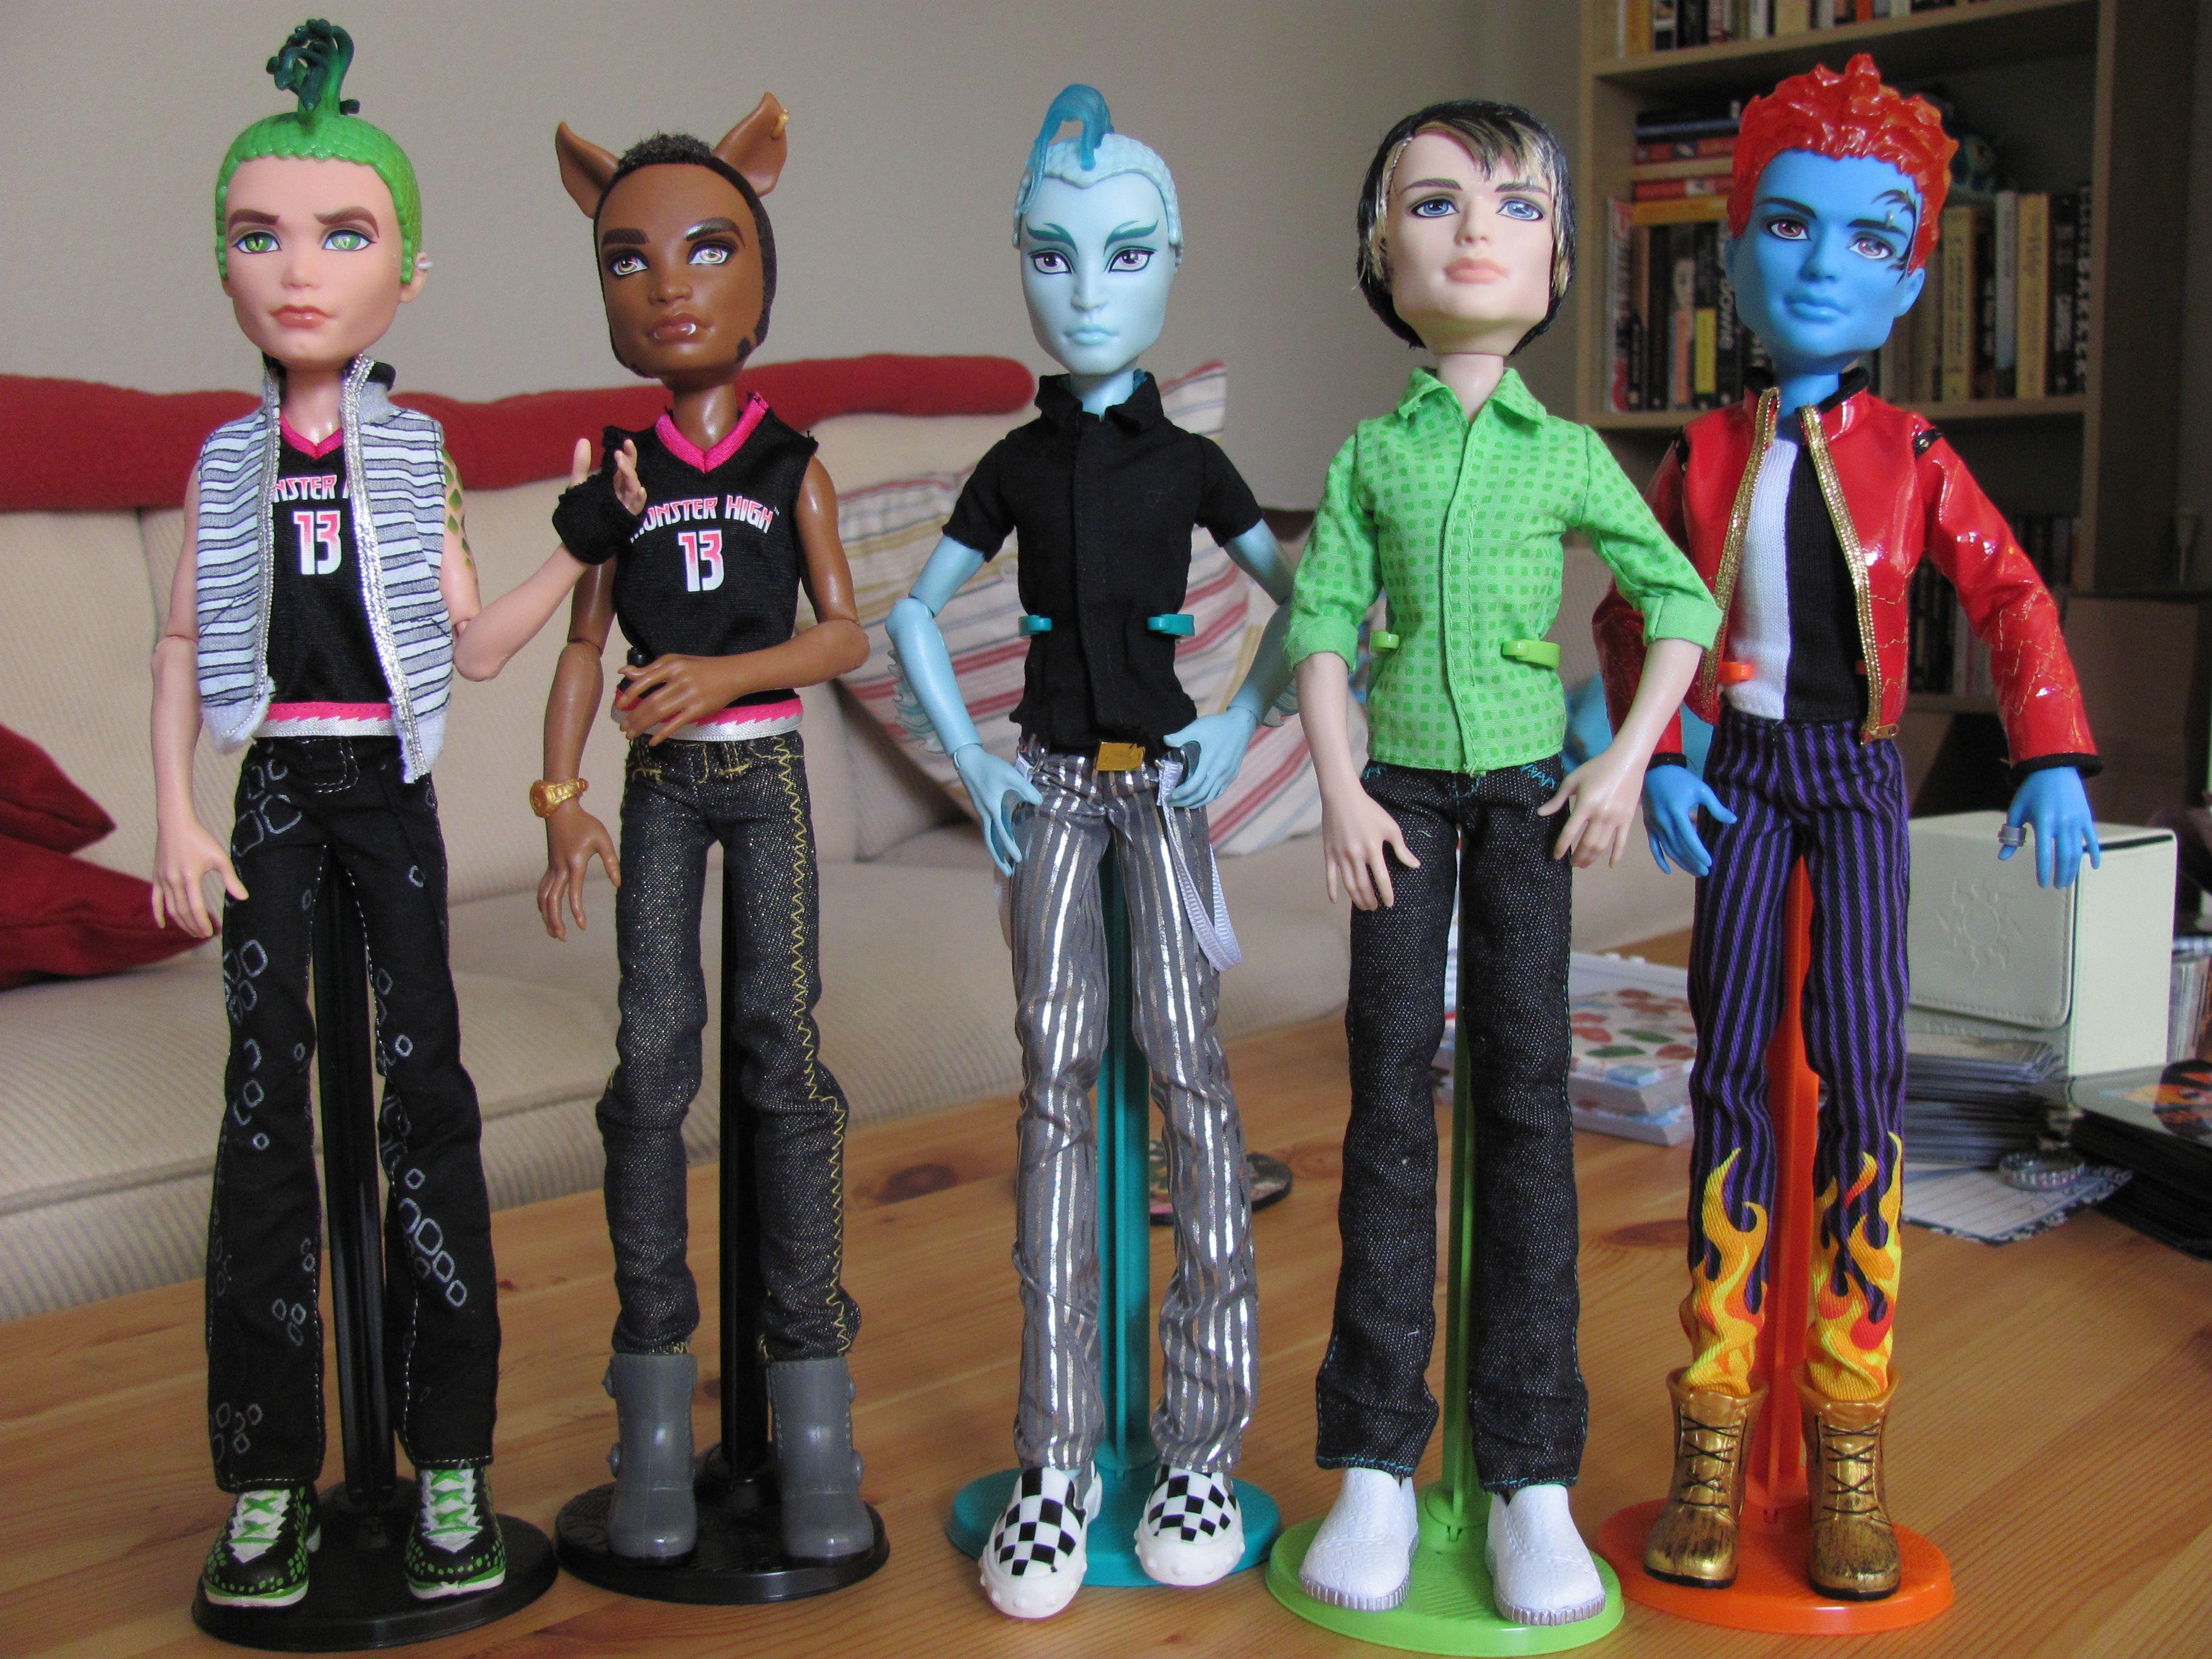 The Boys Monster High Dolls Com Monster High Boys Dolls Monster High Boys Monster High Dolls